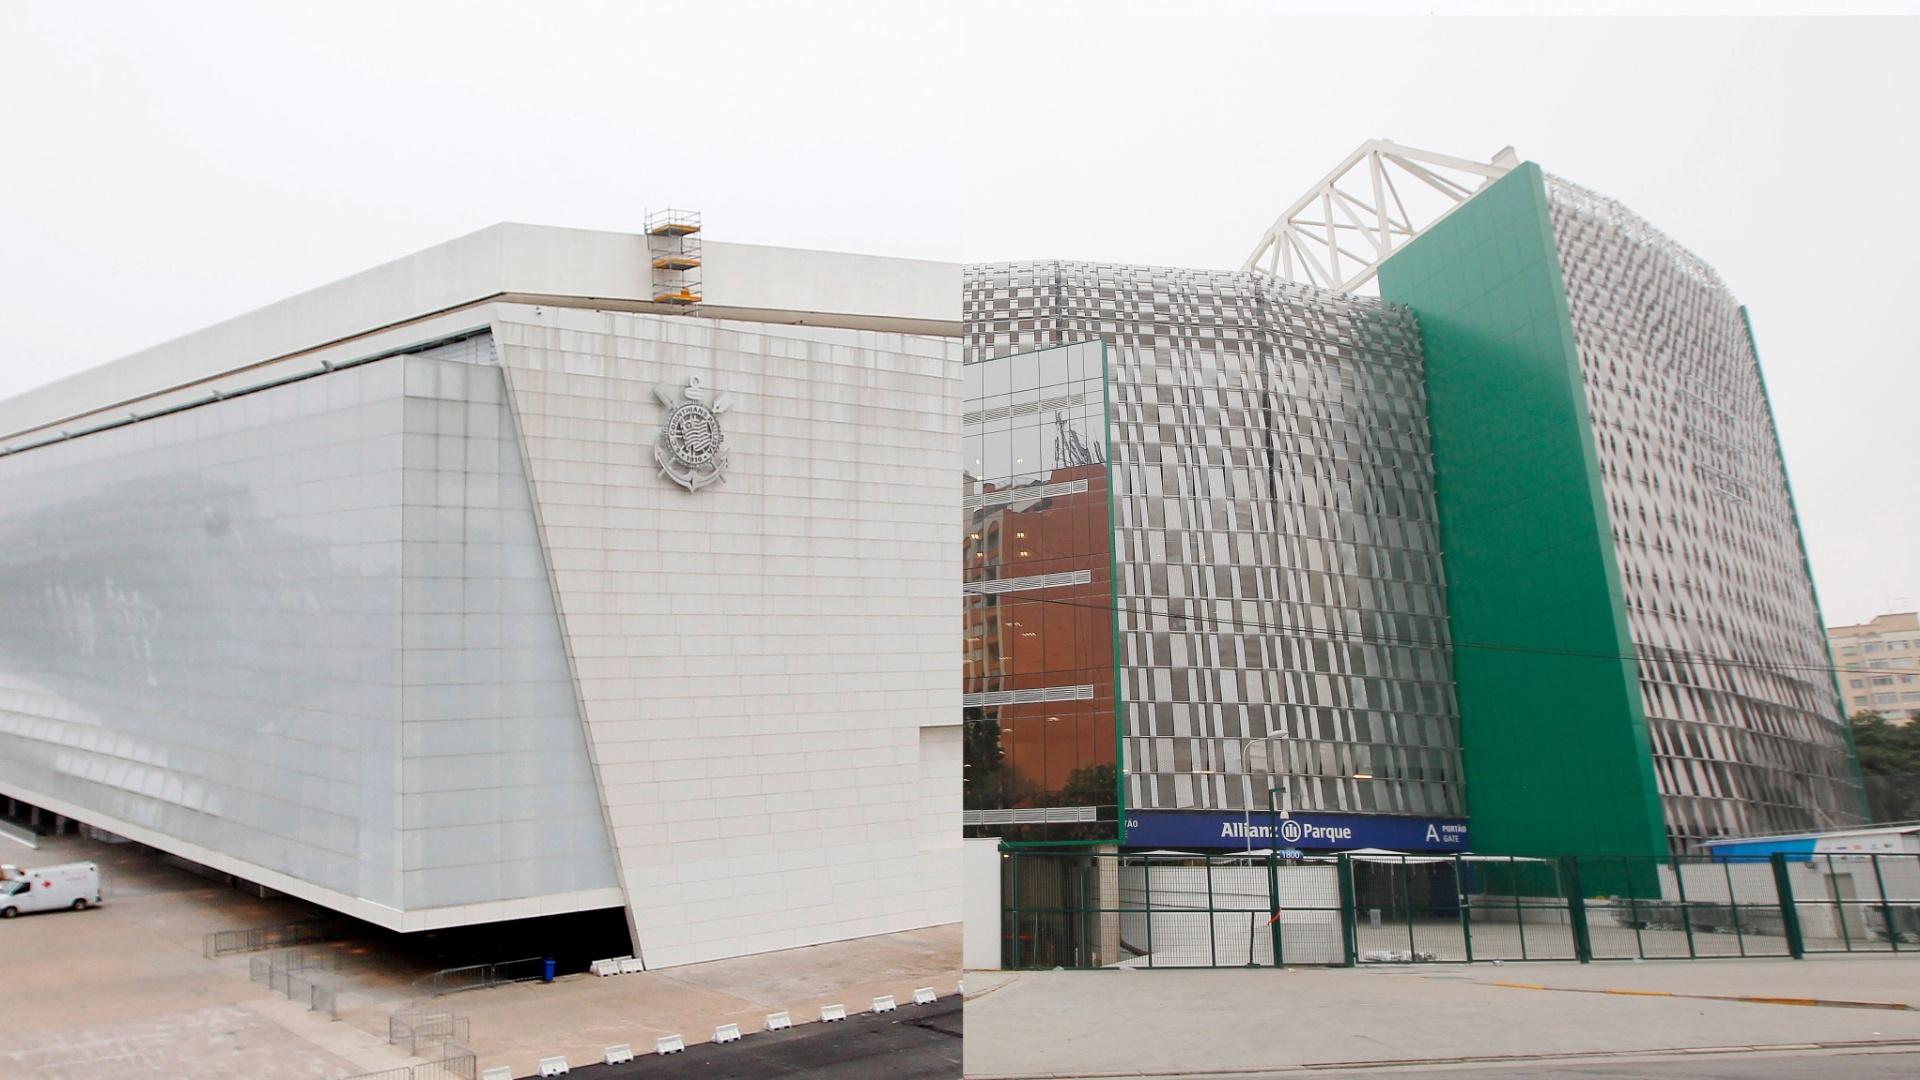 Montagem com os estádios Arena Corinthians e o Allianz Parque